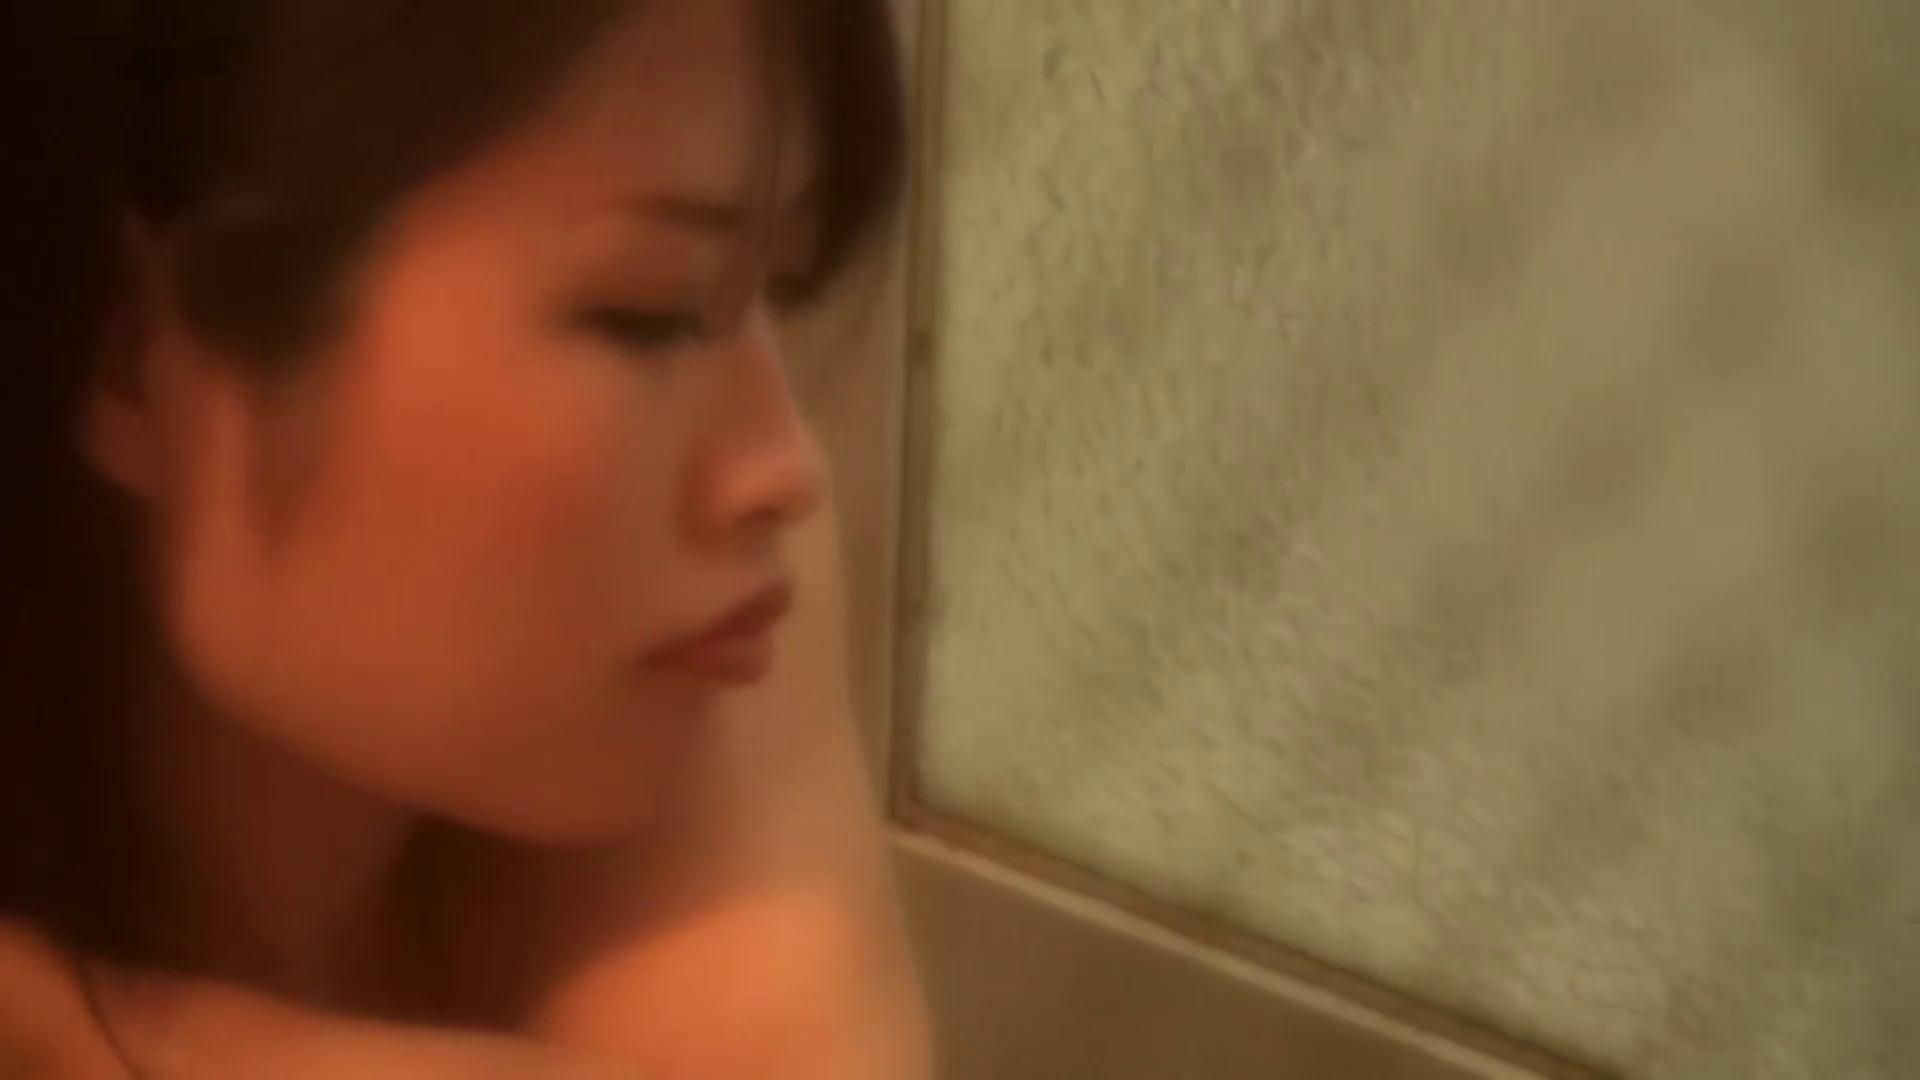 *華の女子寮ノゾキ* vol.02 Eカップがぷるぷる揺れるコ OL女体  95連発 36